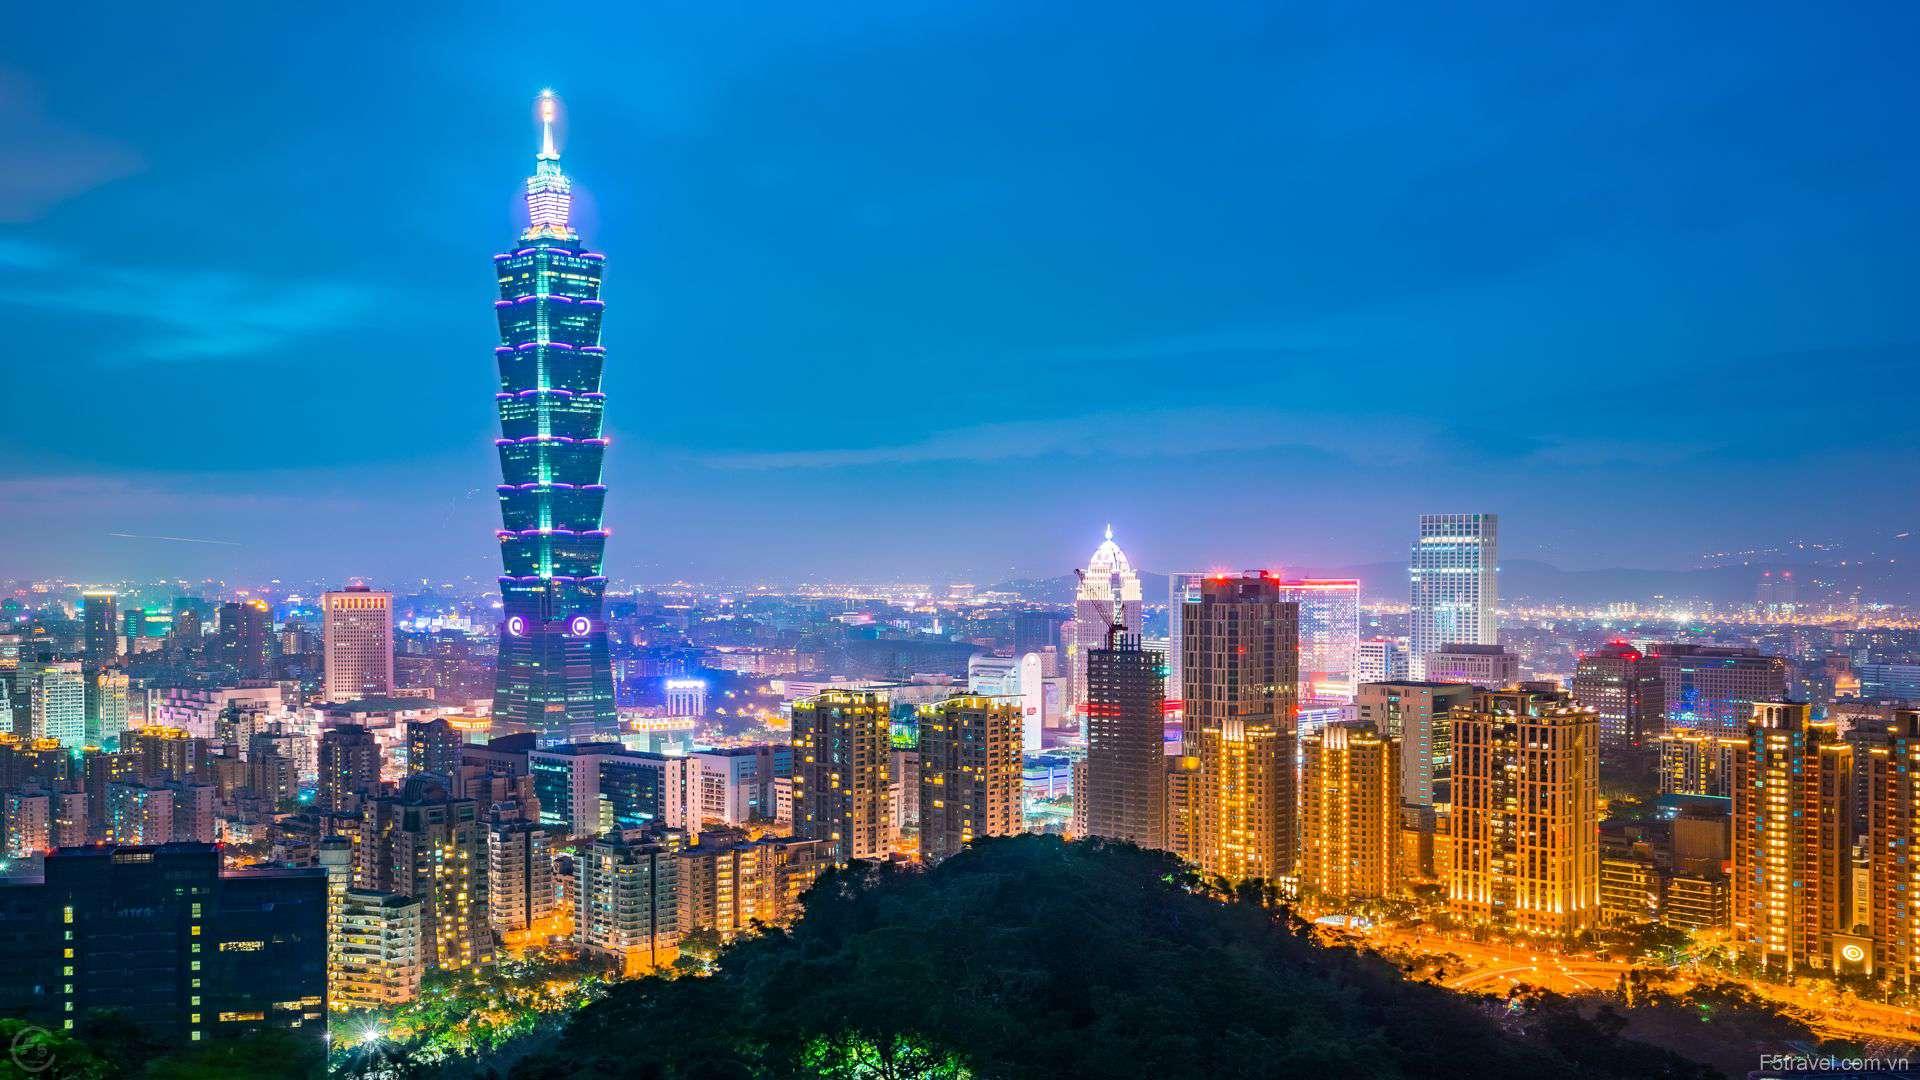 Taiwan taipeitower 1920x1080 - Tour du lịch Đài Loan